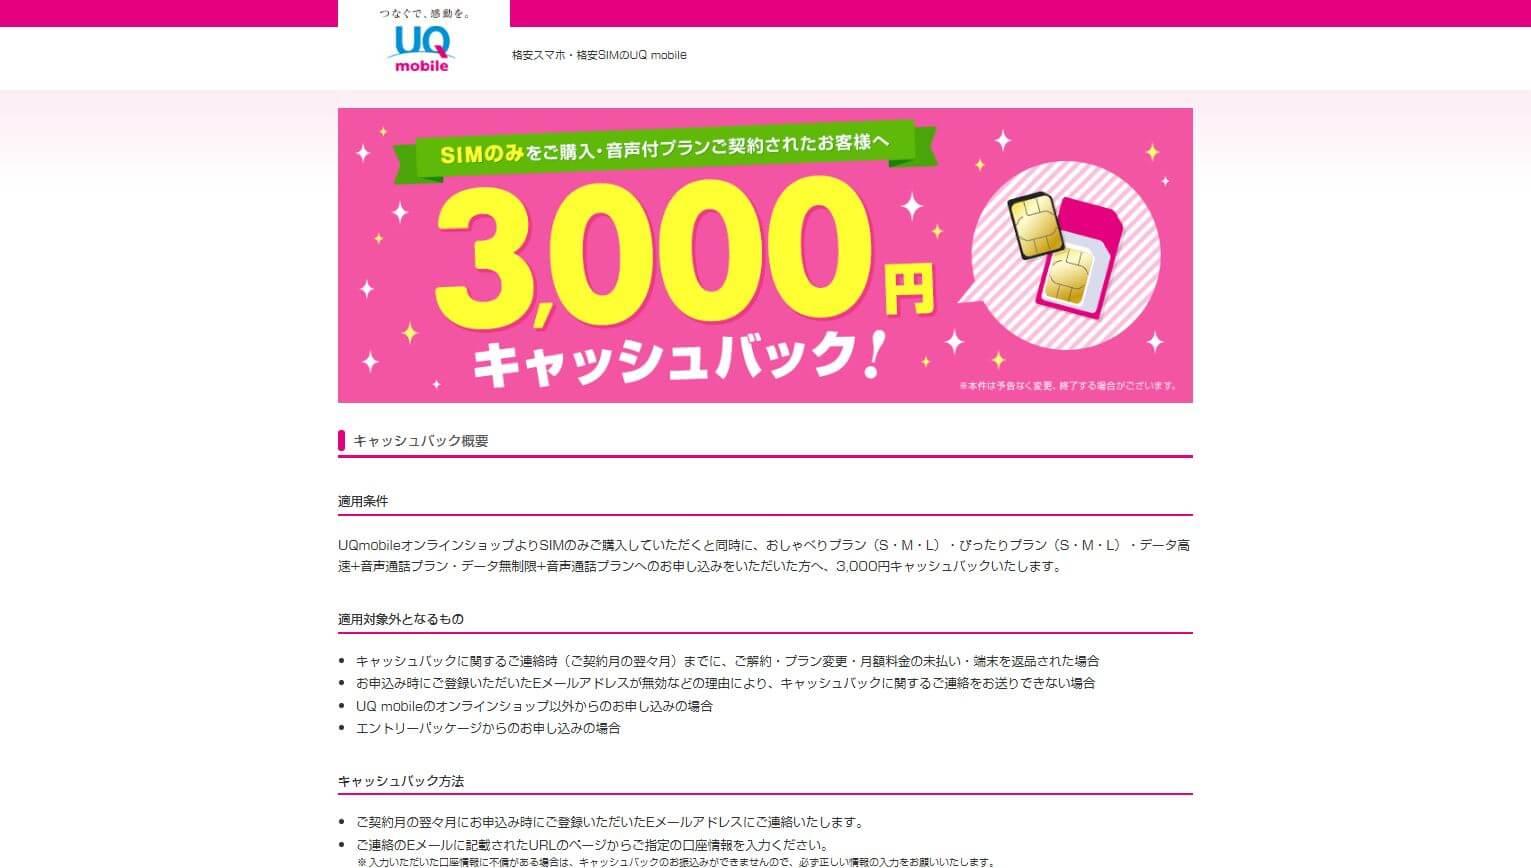 uqmobile-3000yen-cashback_lp